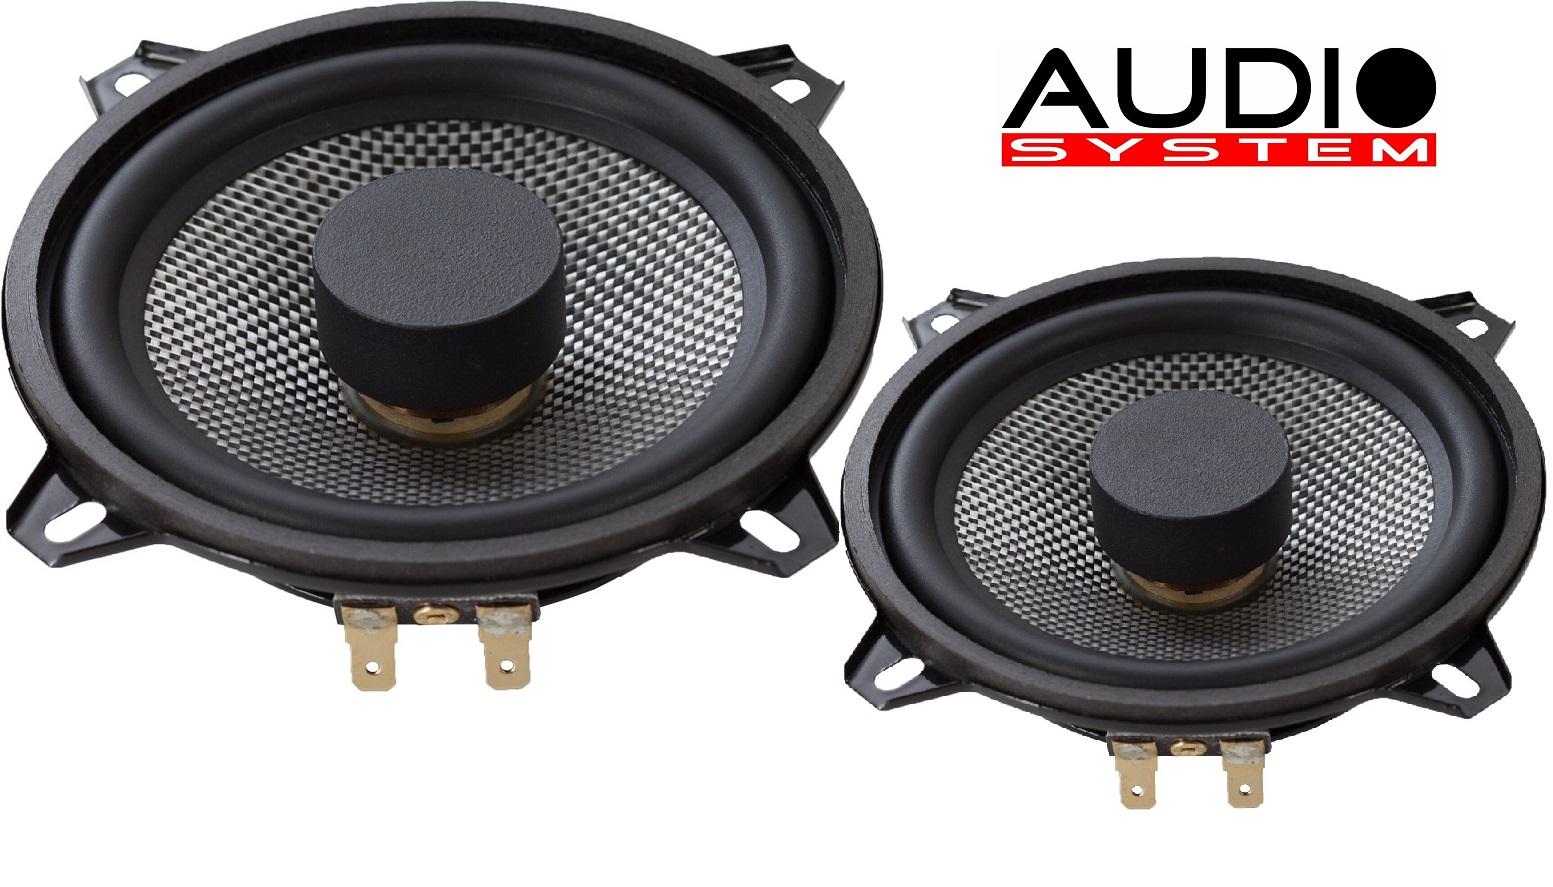 Audio System AS 130 FL EVO Tief / Mitteltöner / Midrange Lautsprecher 1 Paar